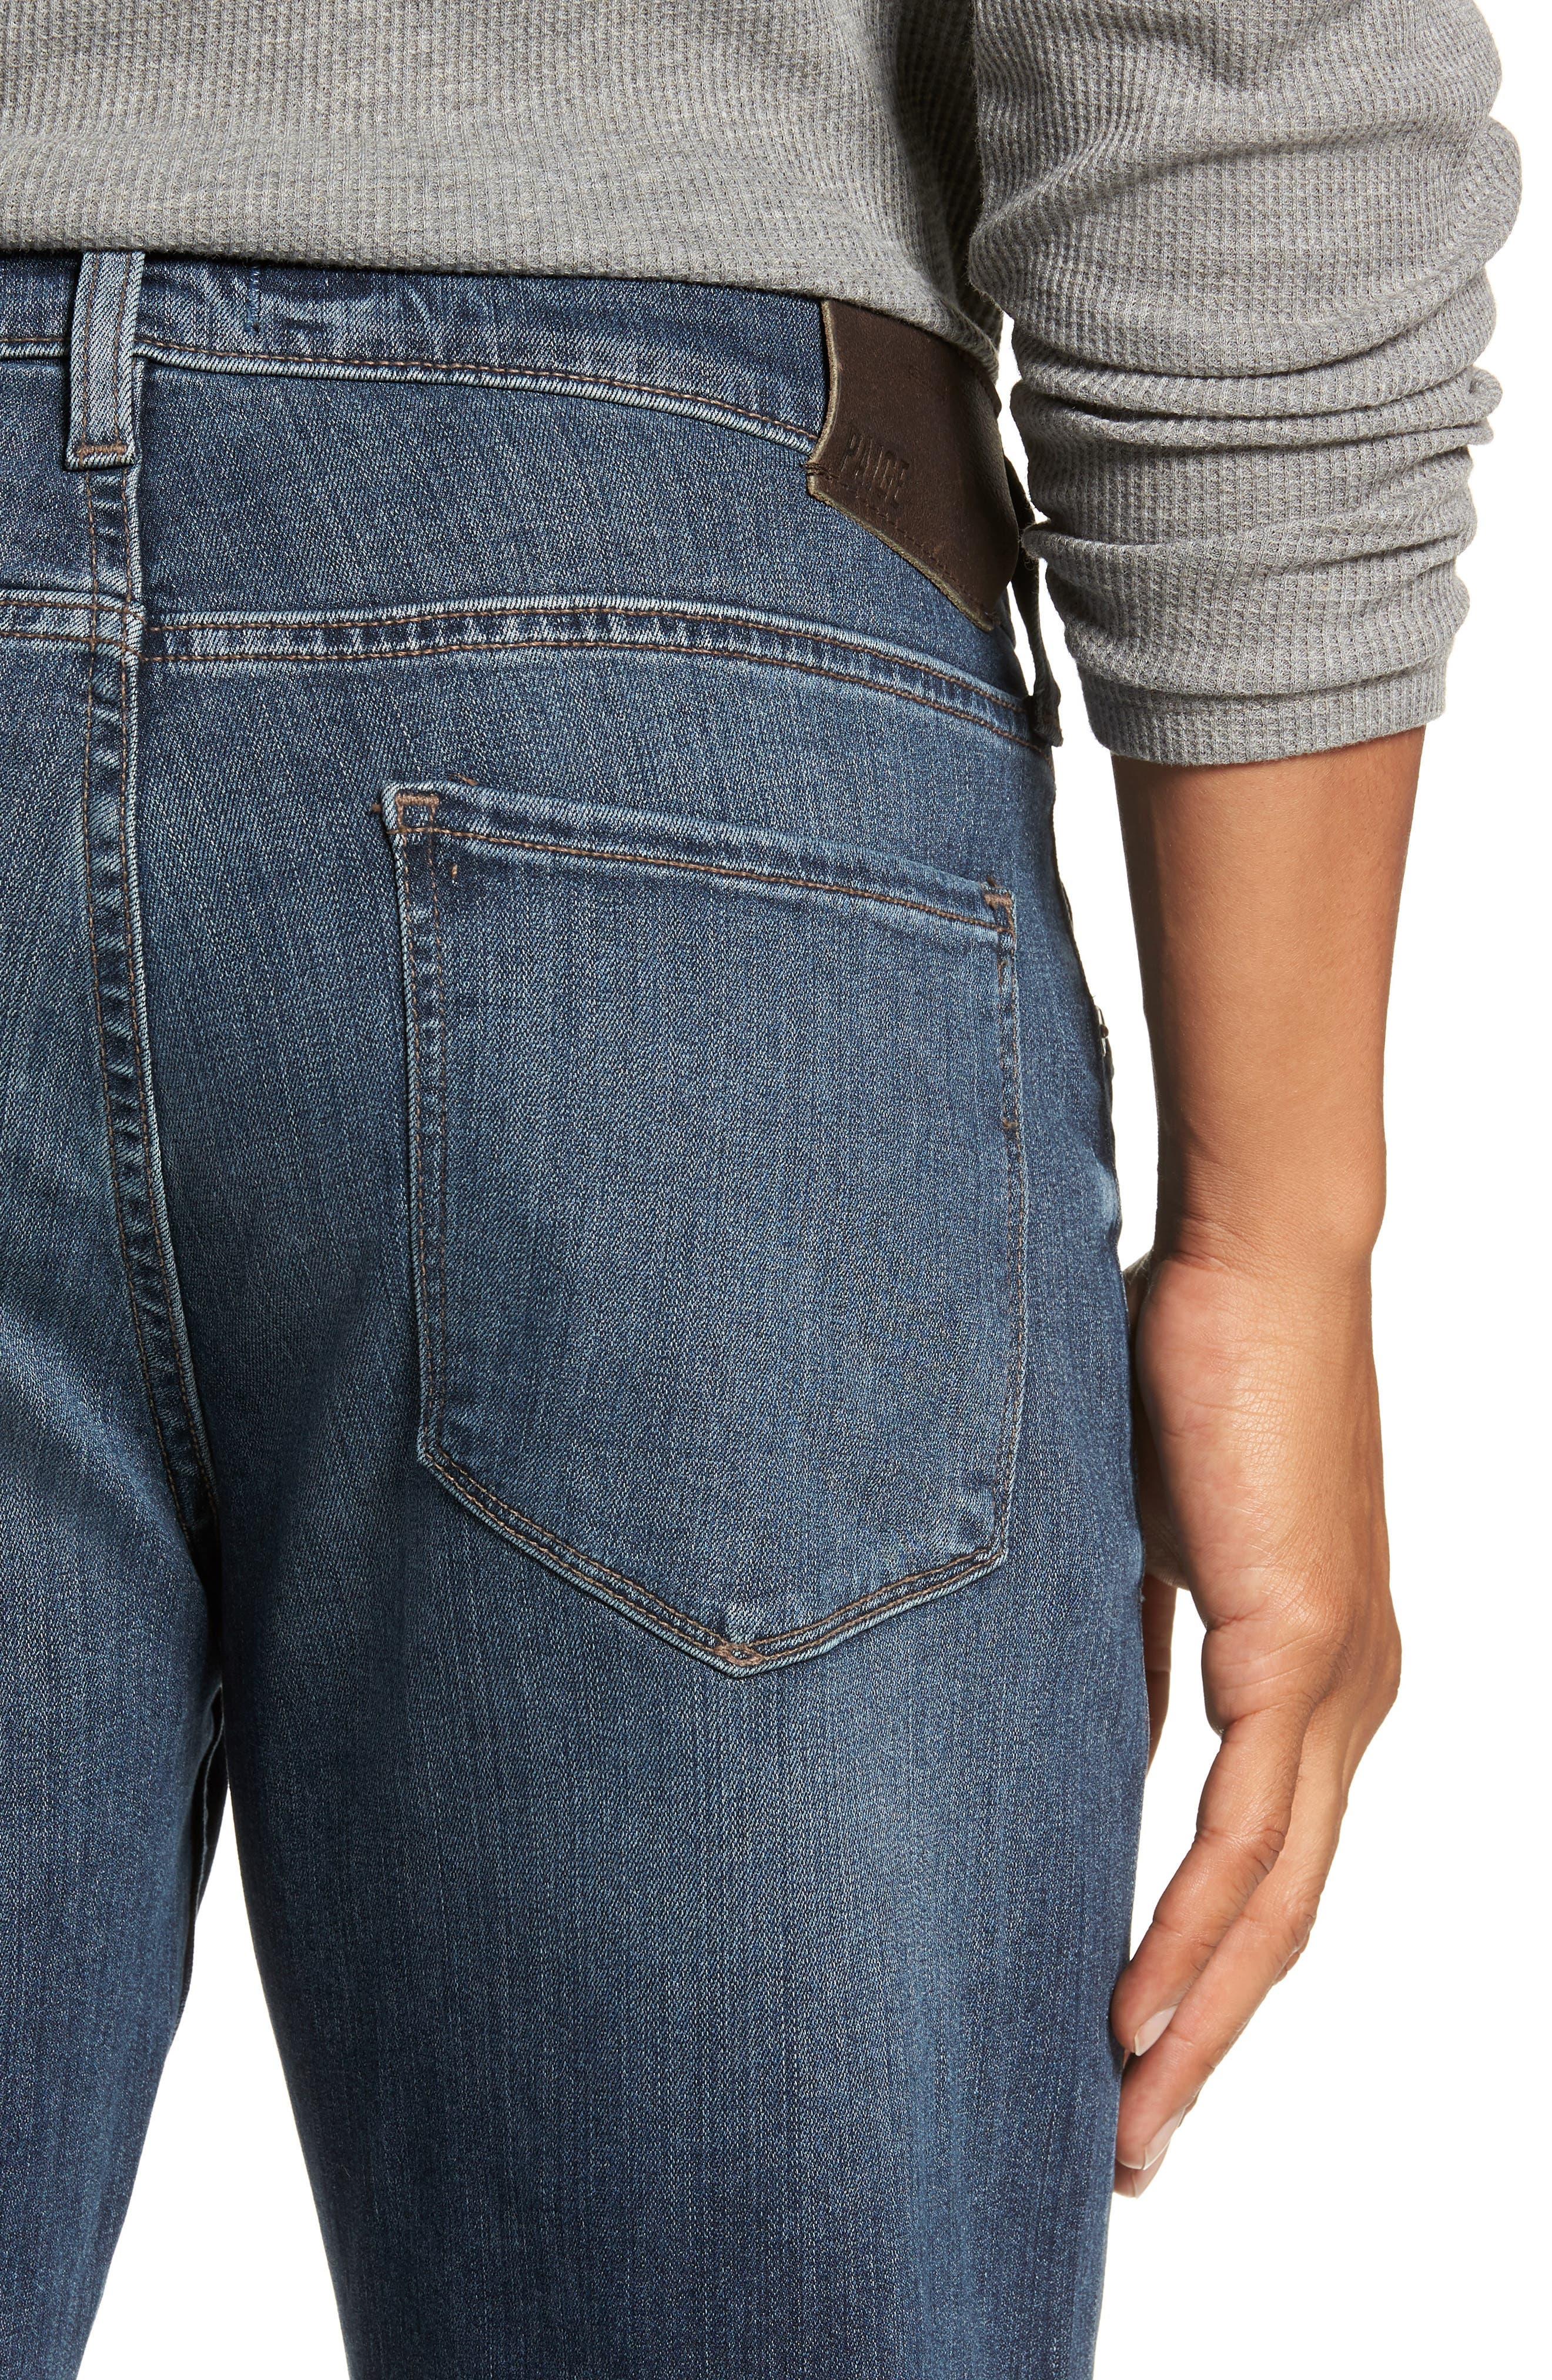 Transcend - Normandie Straight Leg Jeans,                             Alternate thumbnail 4, color,                             DILLON